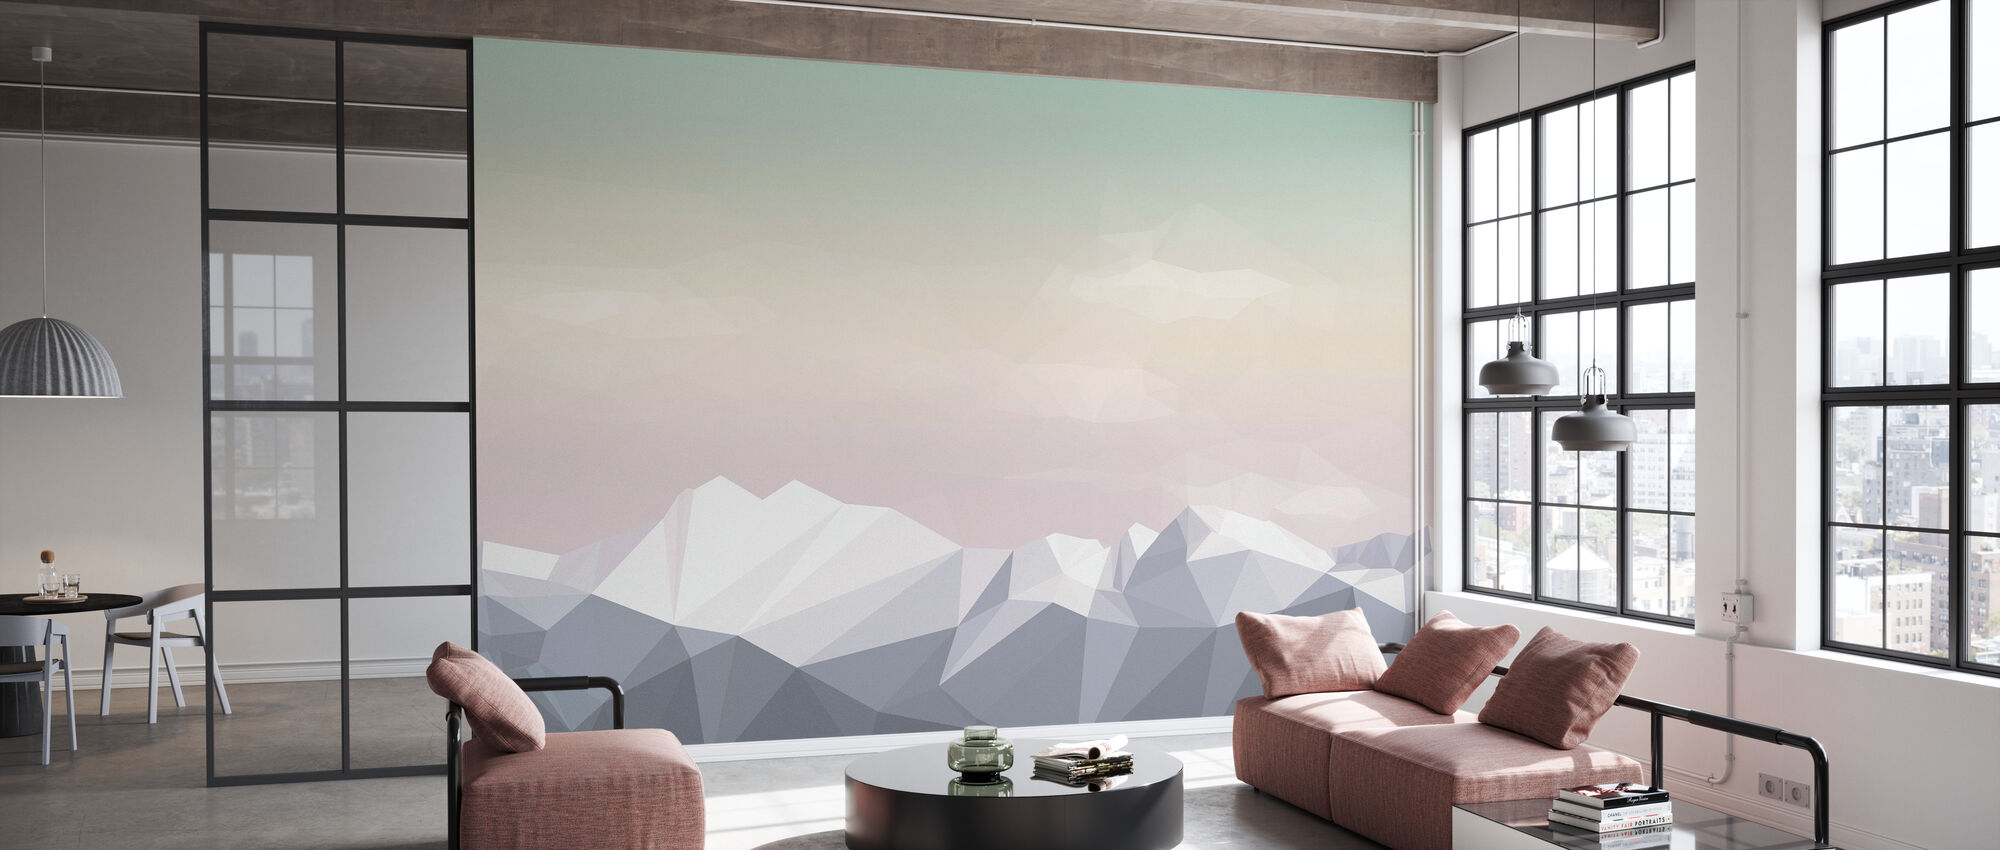 Surtout Montagnes Icecream - Papier peint - Bureau